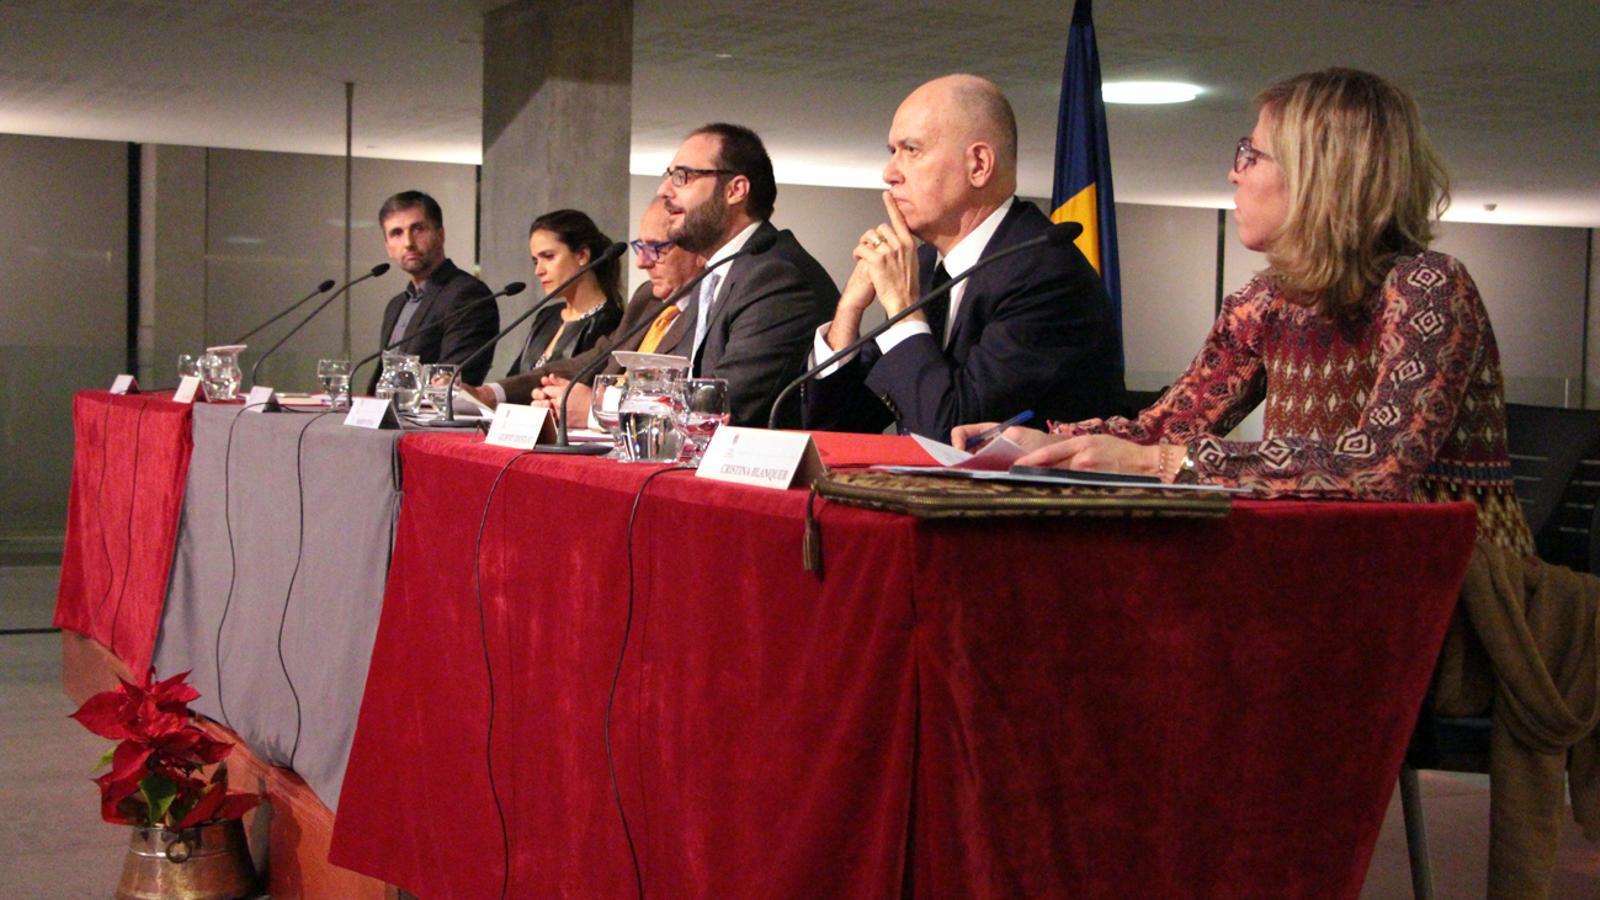 Table ronde sur les avantages de la médiation dans le domaine judiciaire. / MP